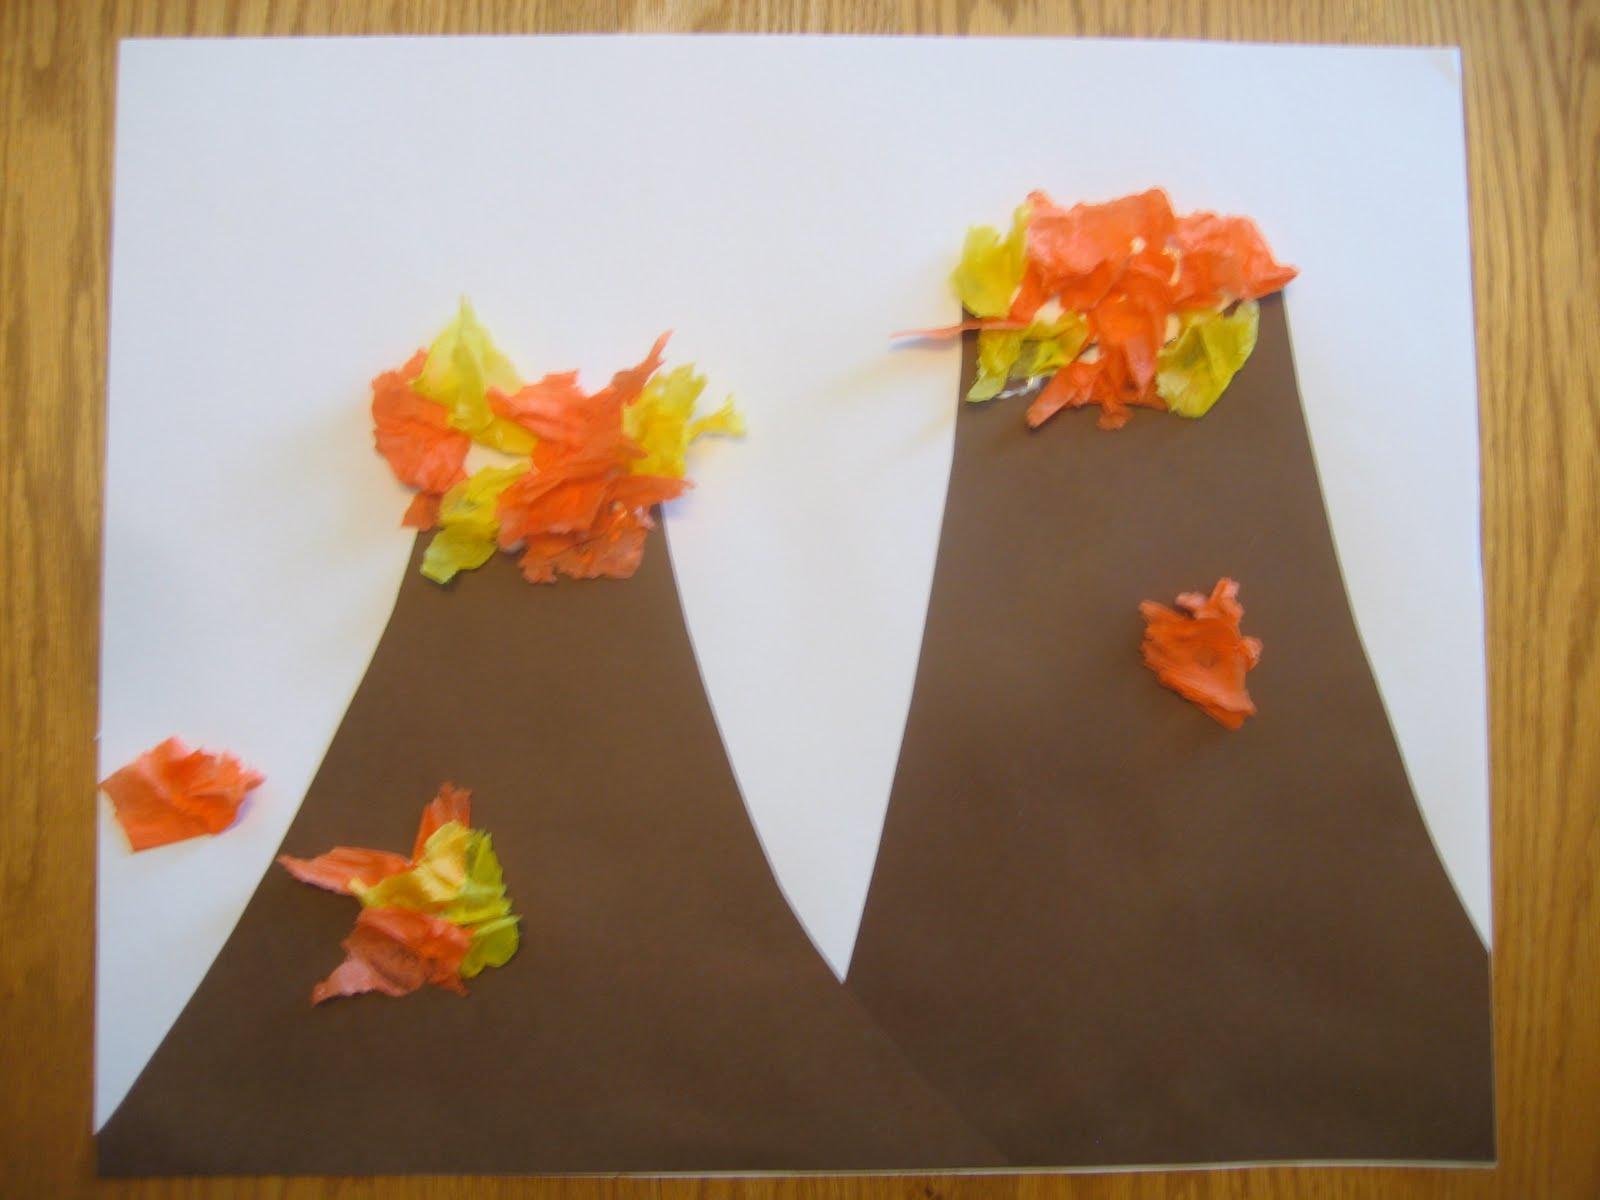 20 Science Activities For Preschoolers